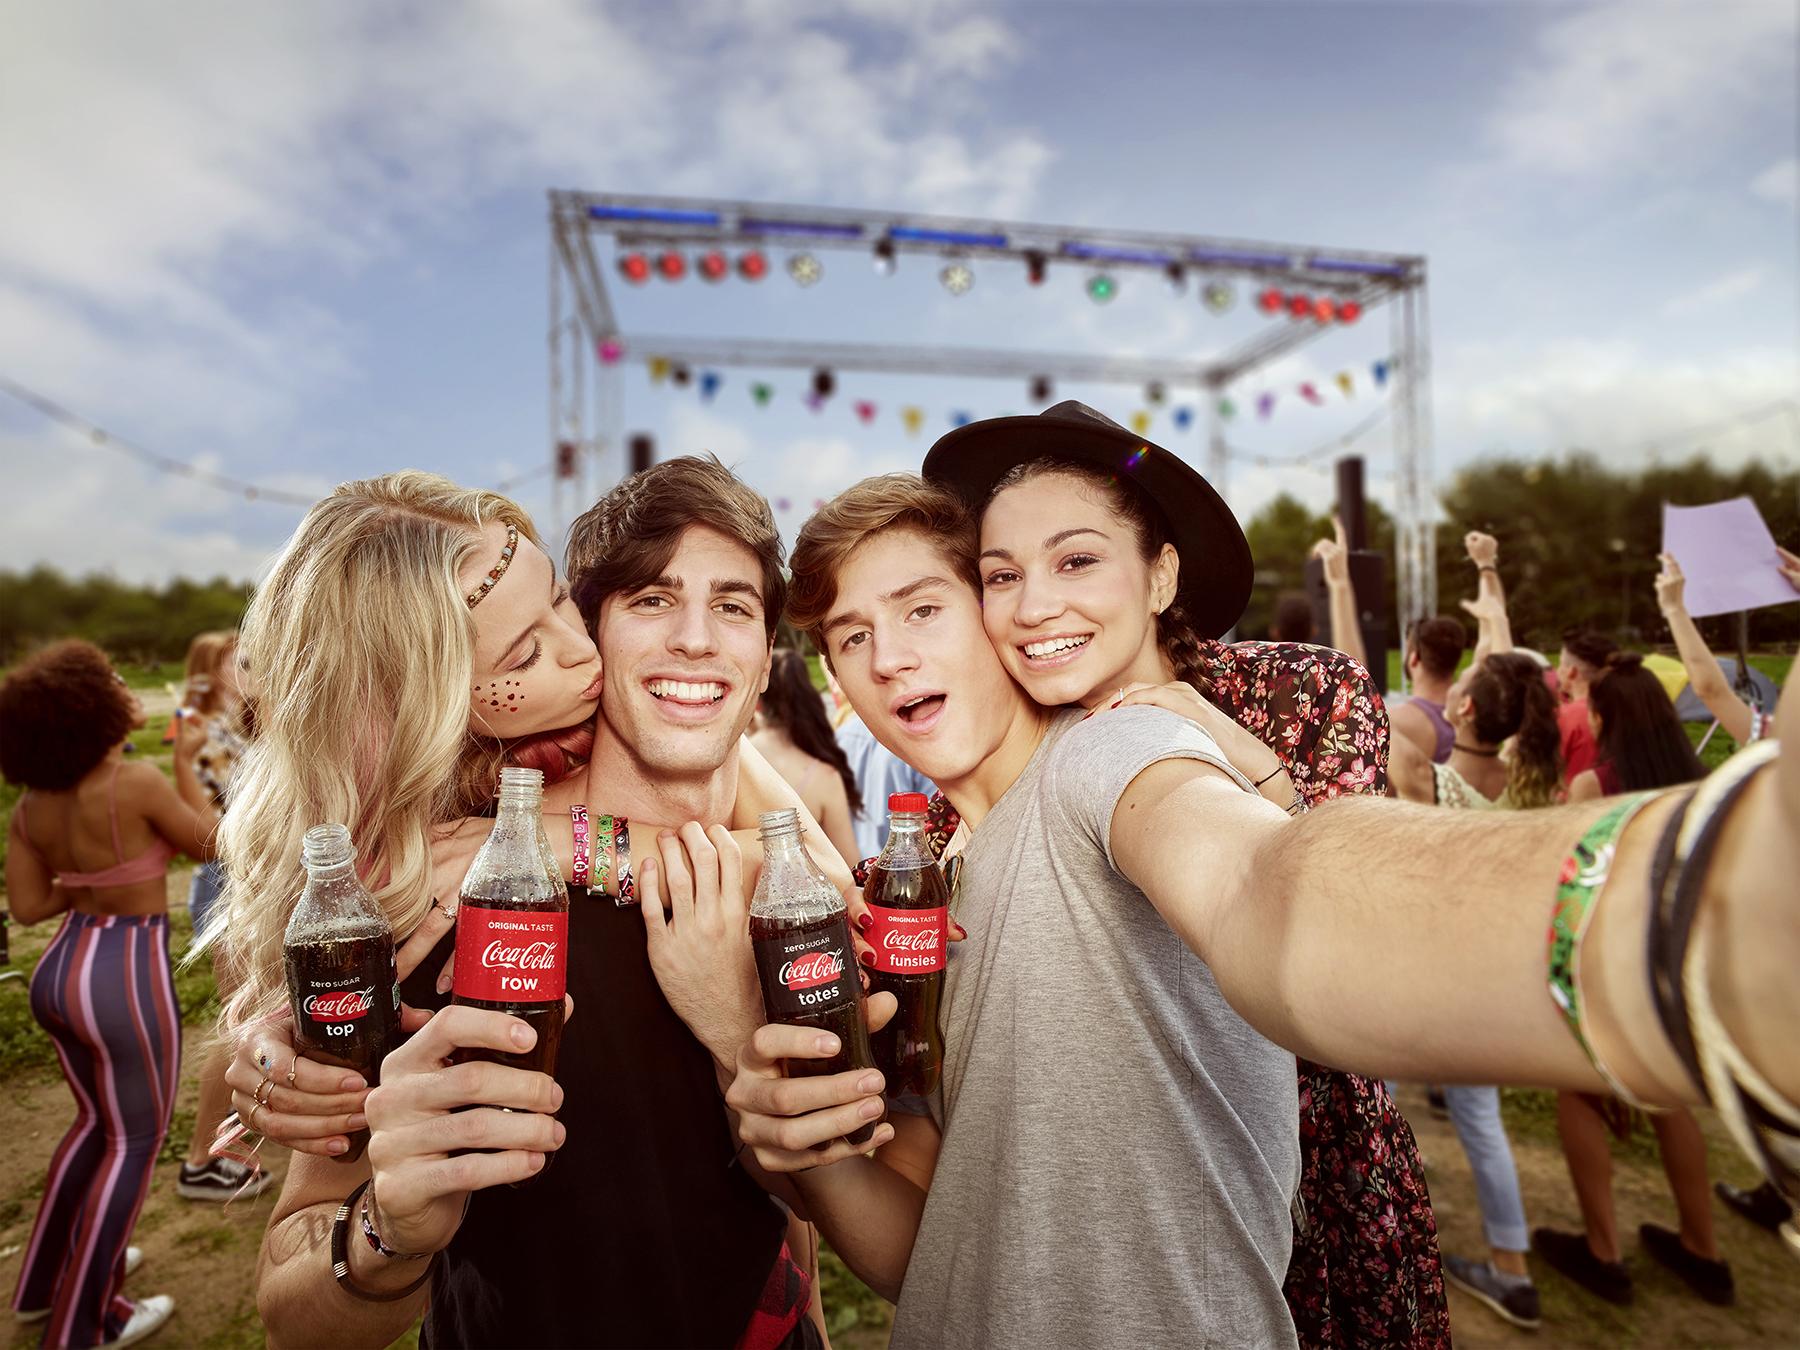 7914_Coke_Festival_Medium_Bottles_R5